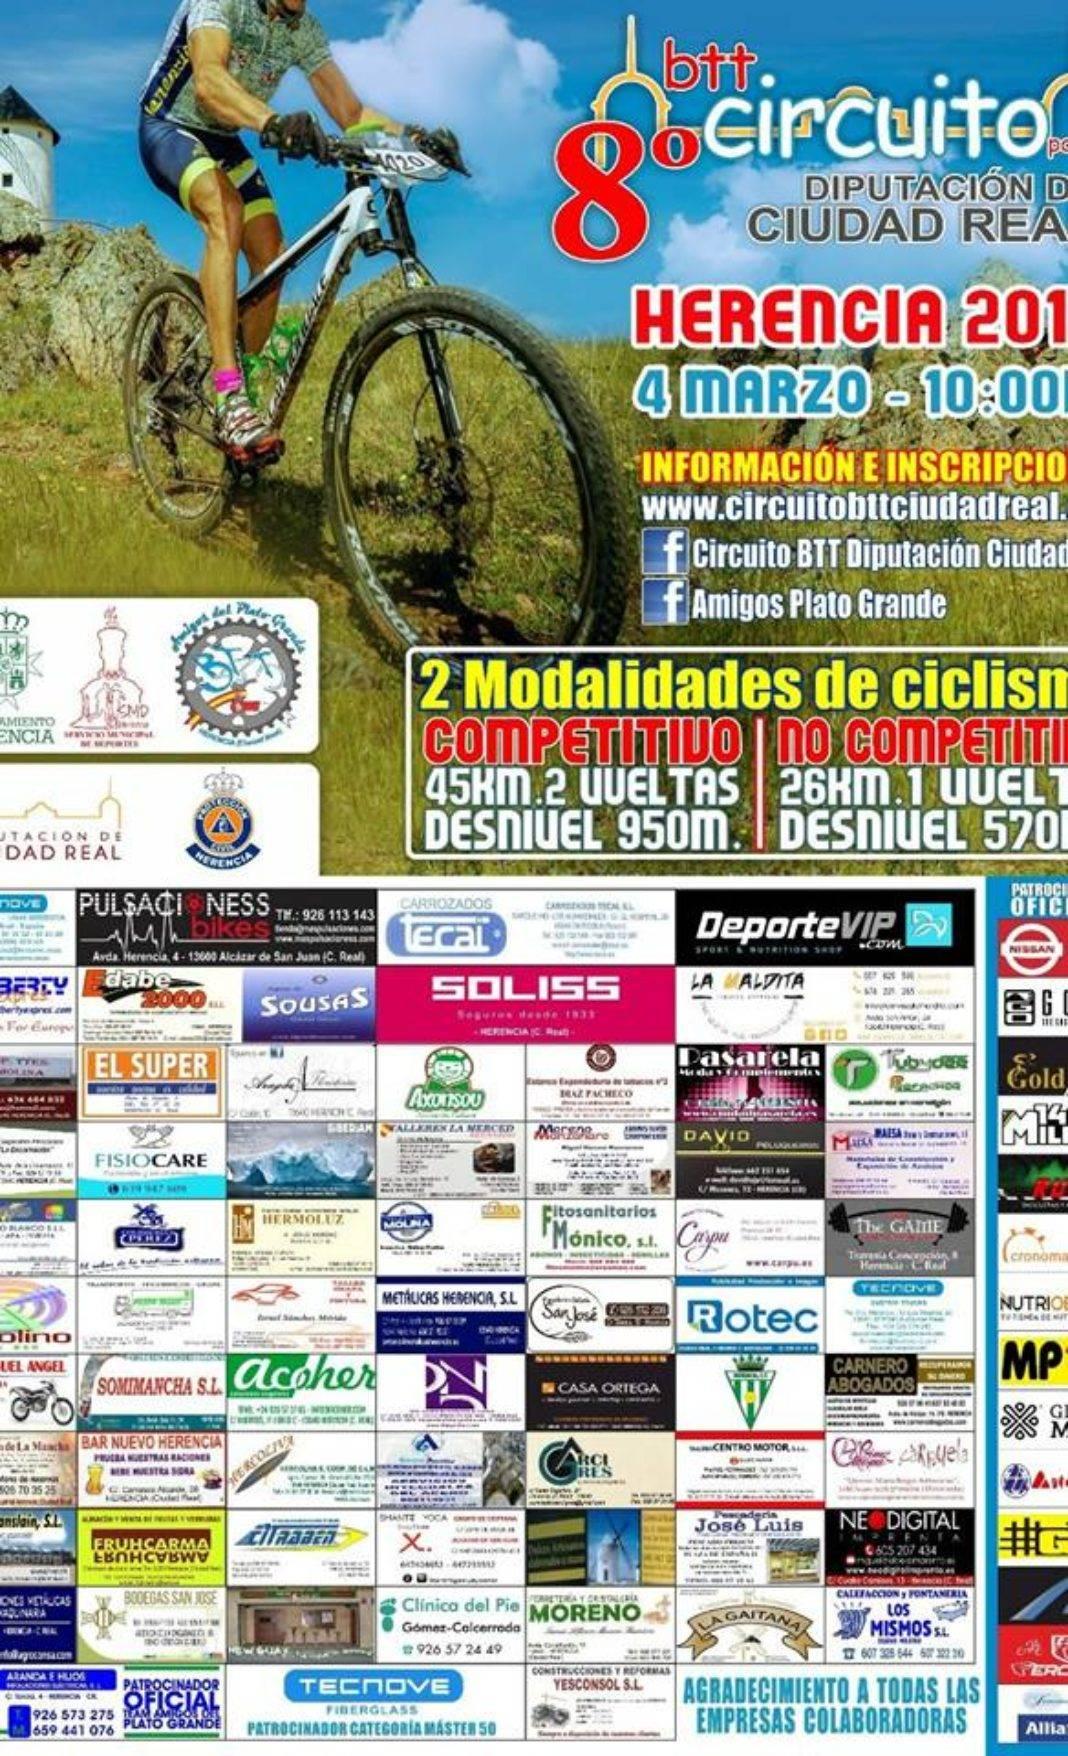 La 8ª edición del Circuito Popular BTT Diputación de Ciudad Real comienza en Herencia 2